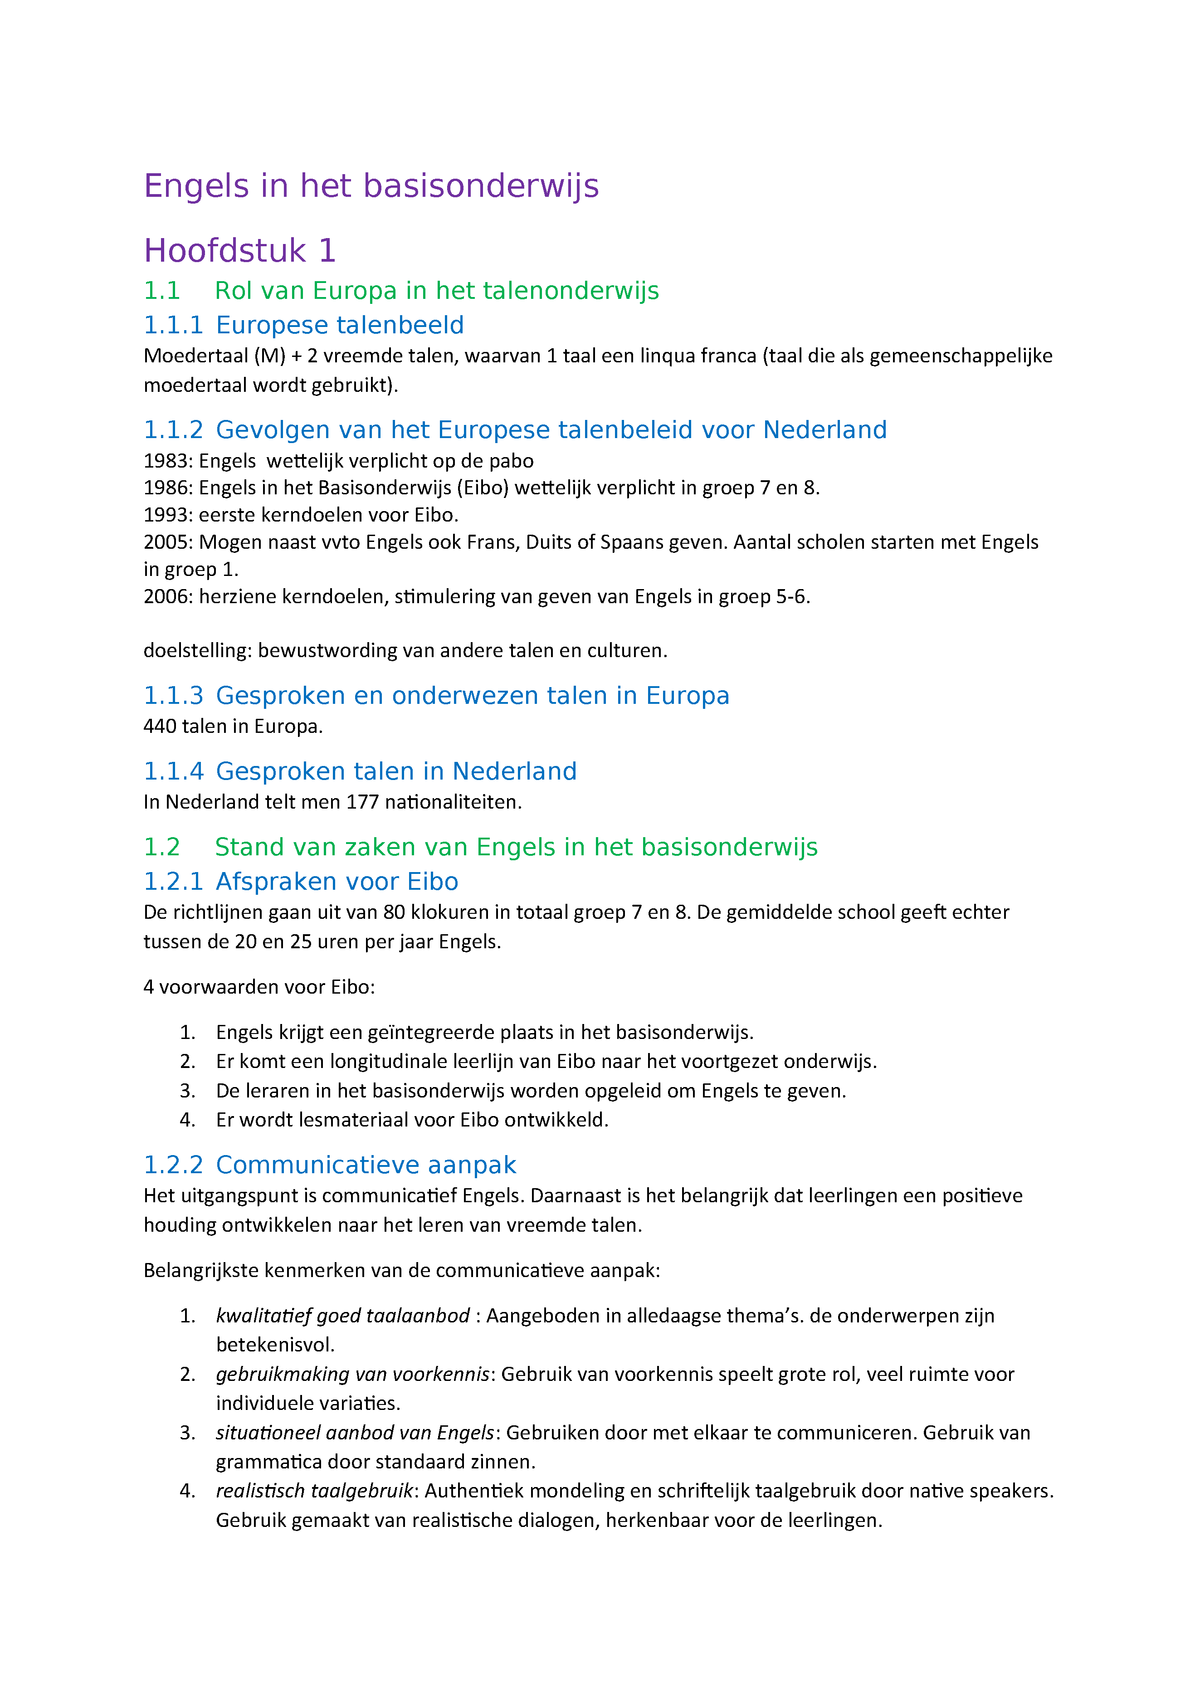 Kenmerken In Het Engels.Samenvatting Engels In Het Basisonderwijs Hoofdstuk 1 T M